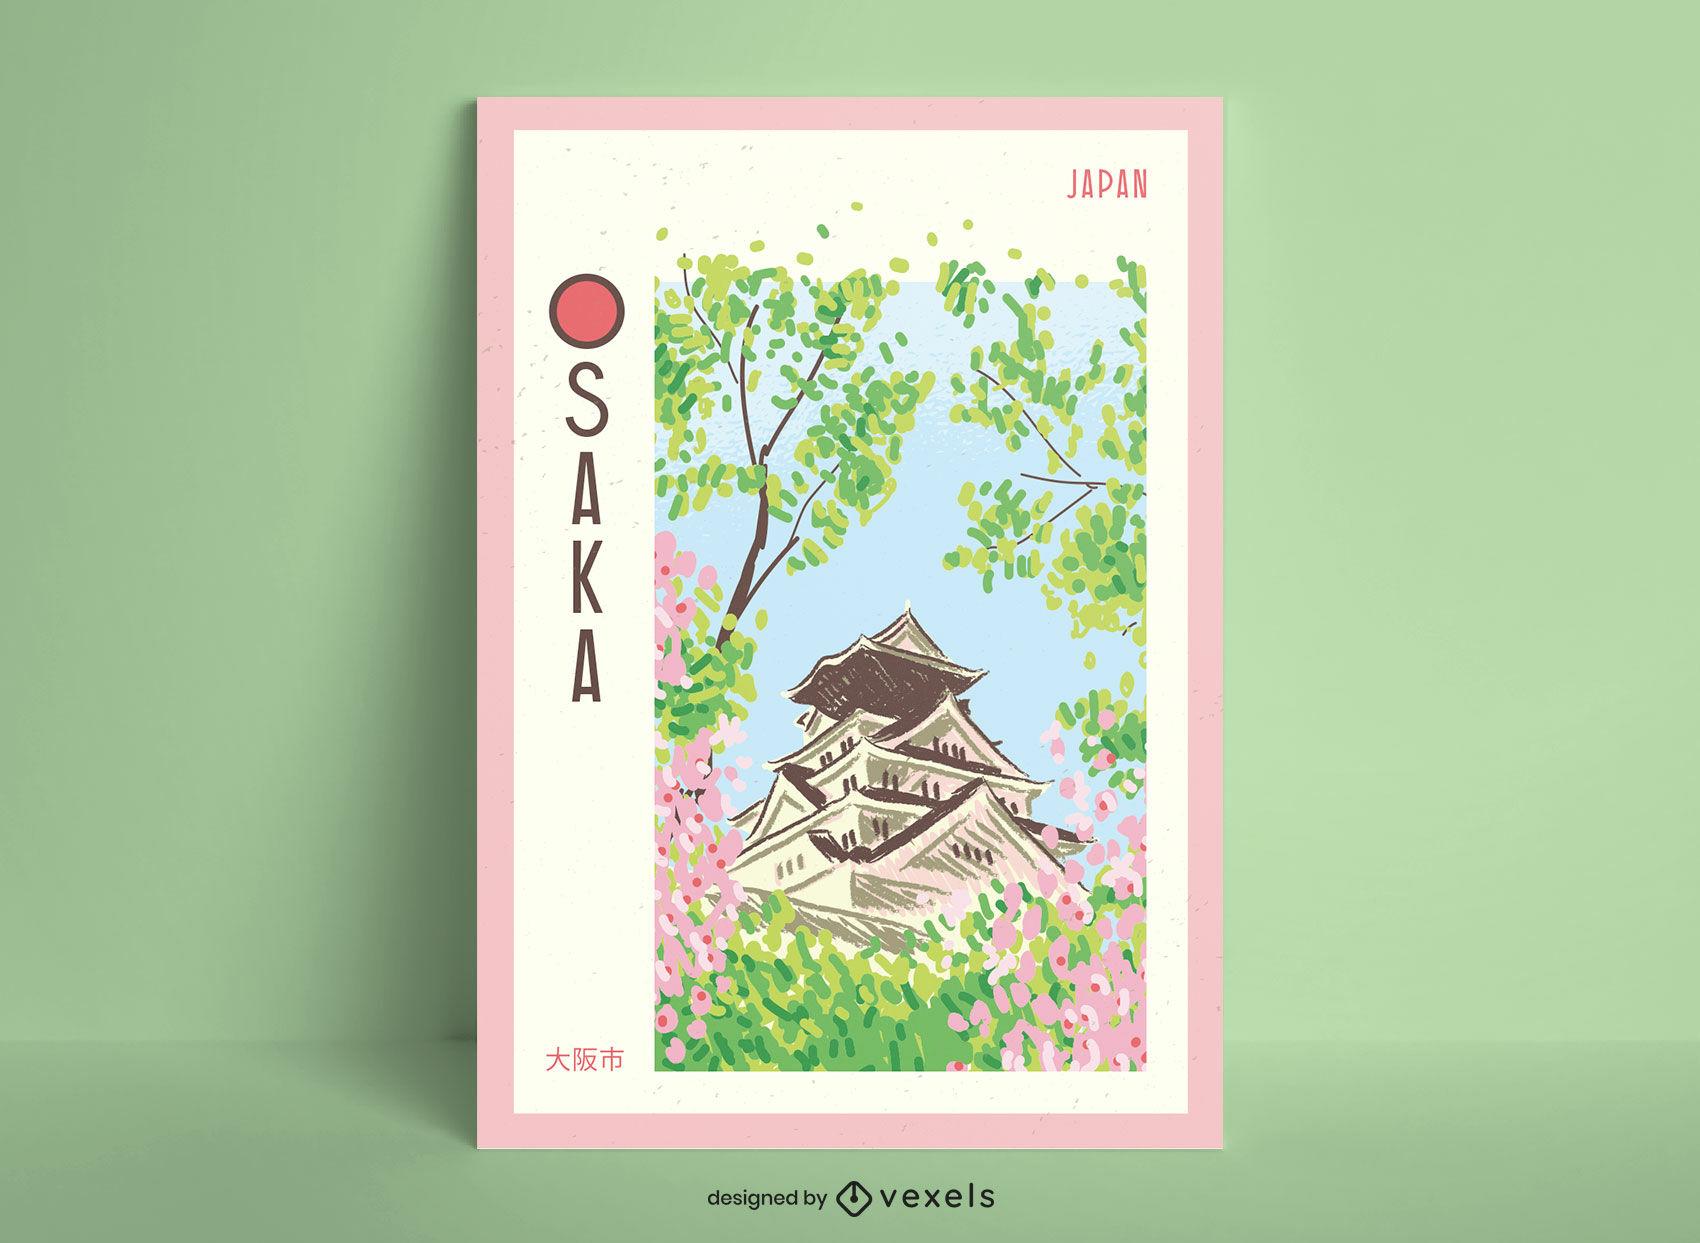 Diseño de cartel dibujado a mano de la ciudad de Osaka